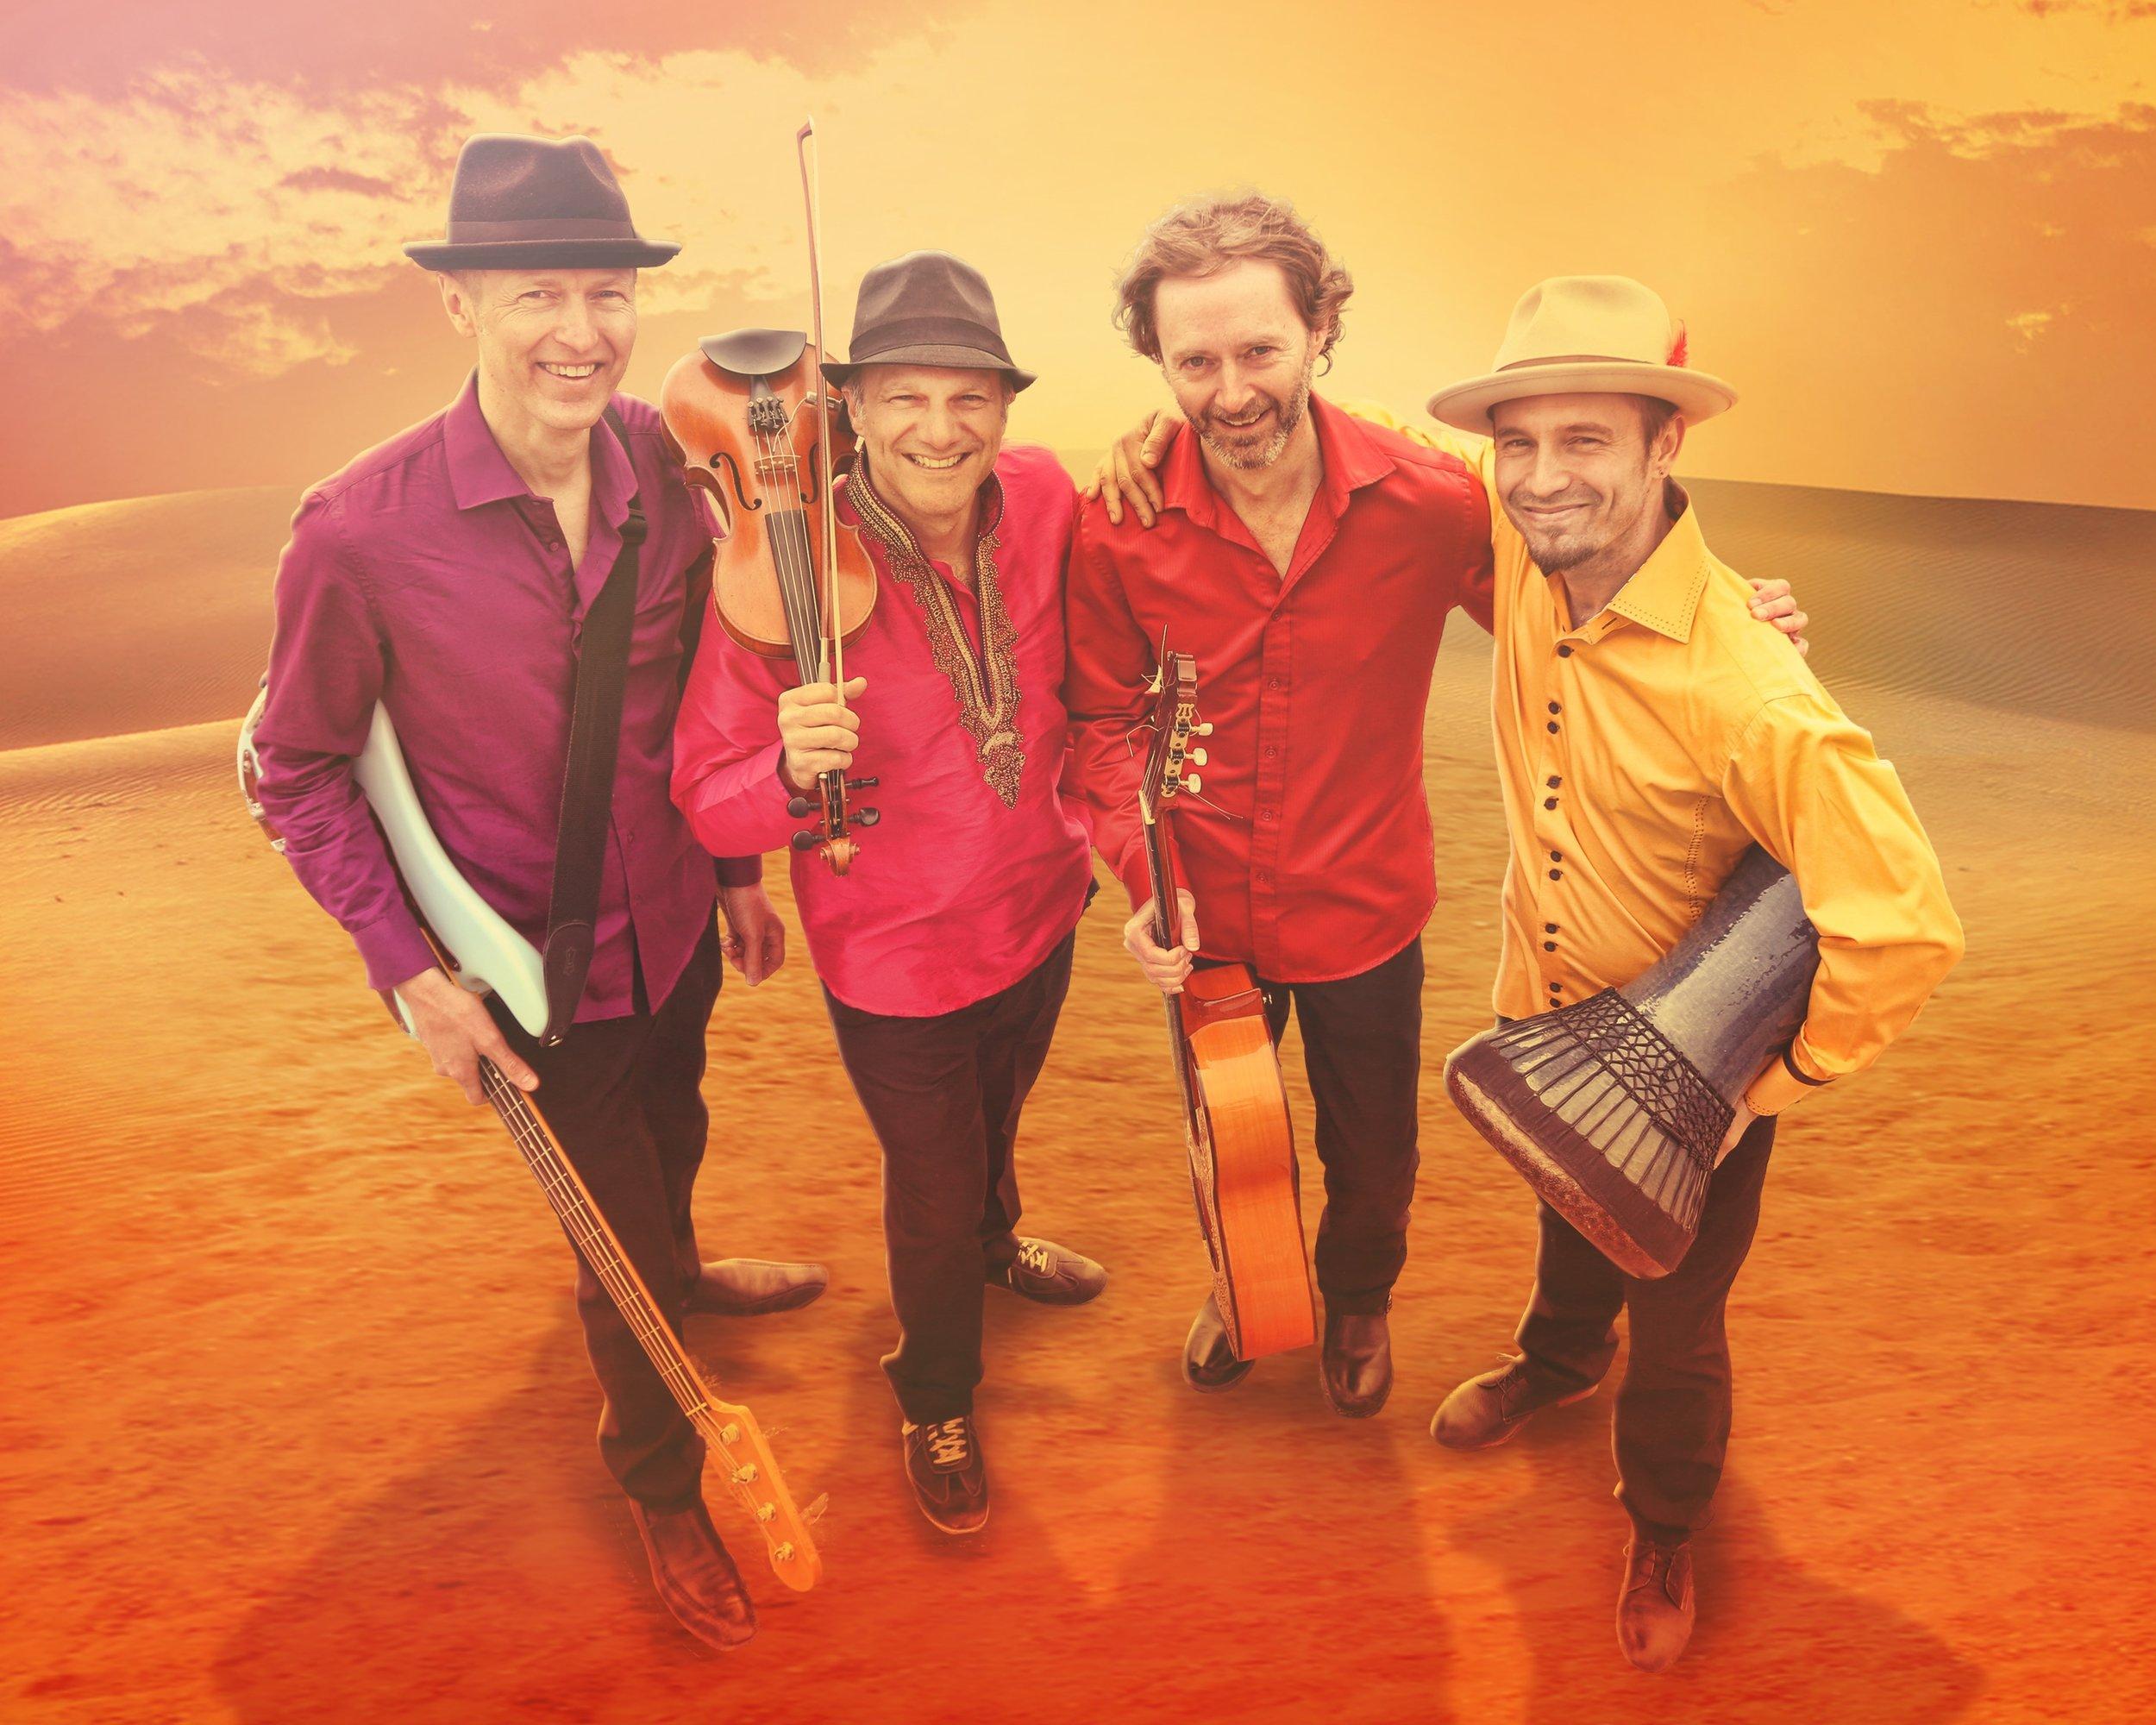 Sultans of String-Quartet-Desert3-high res.jpg